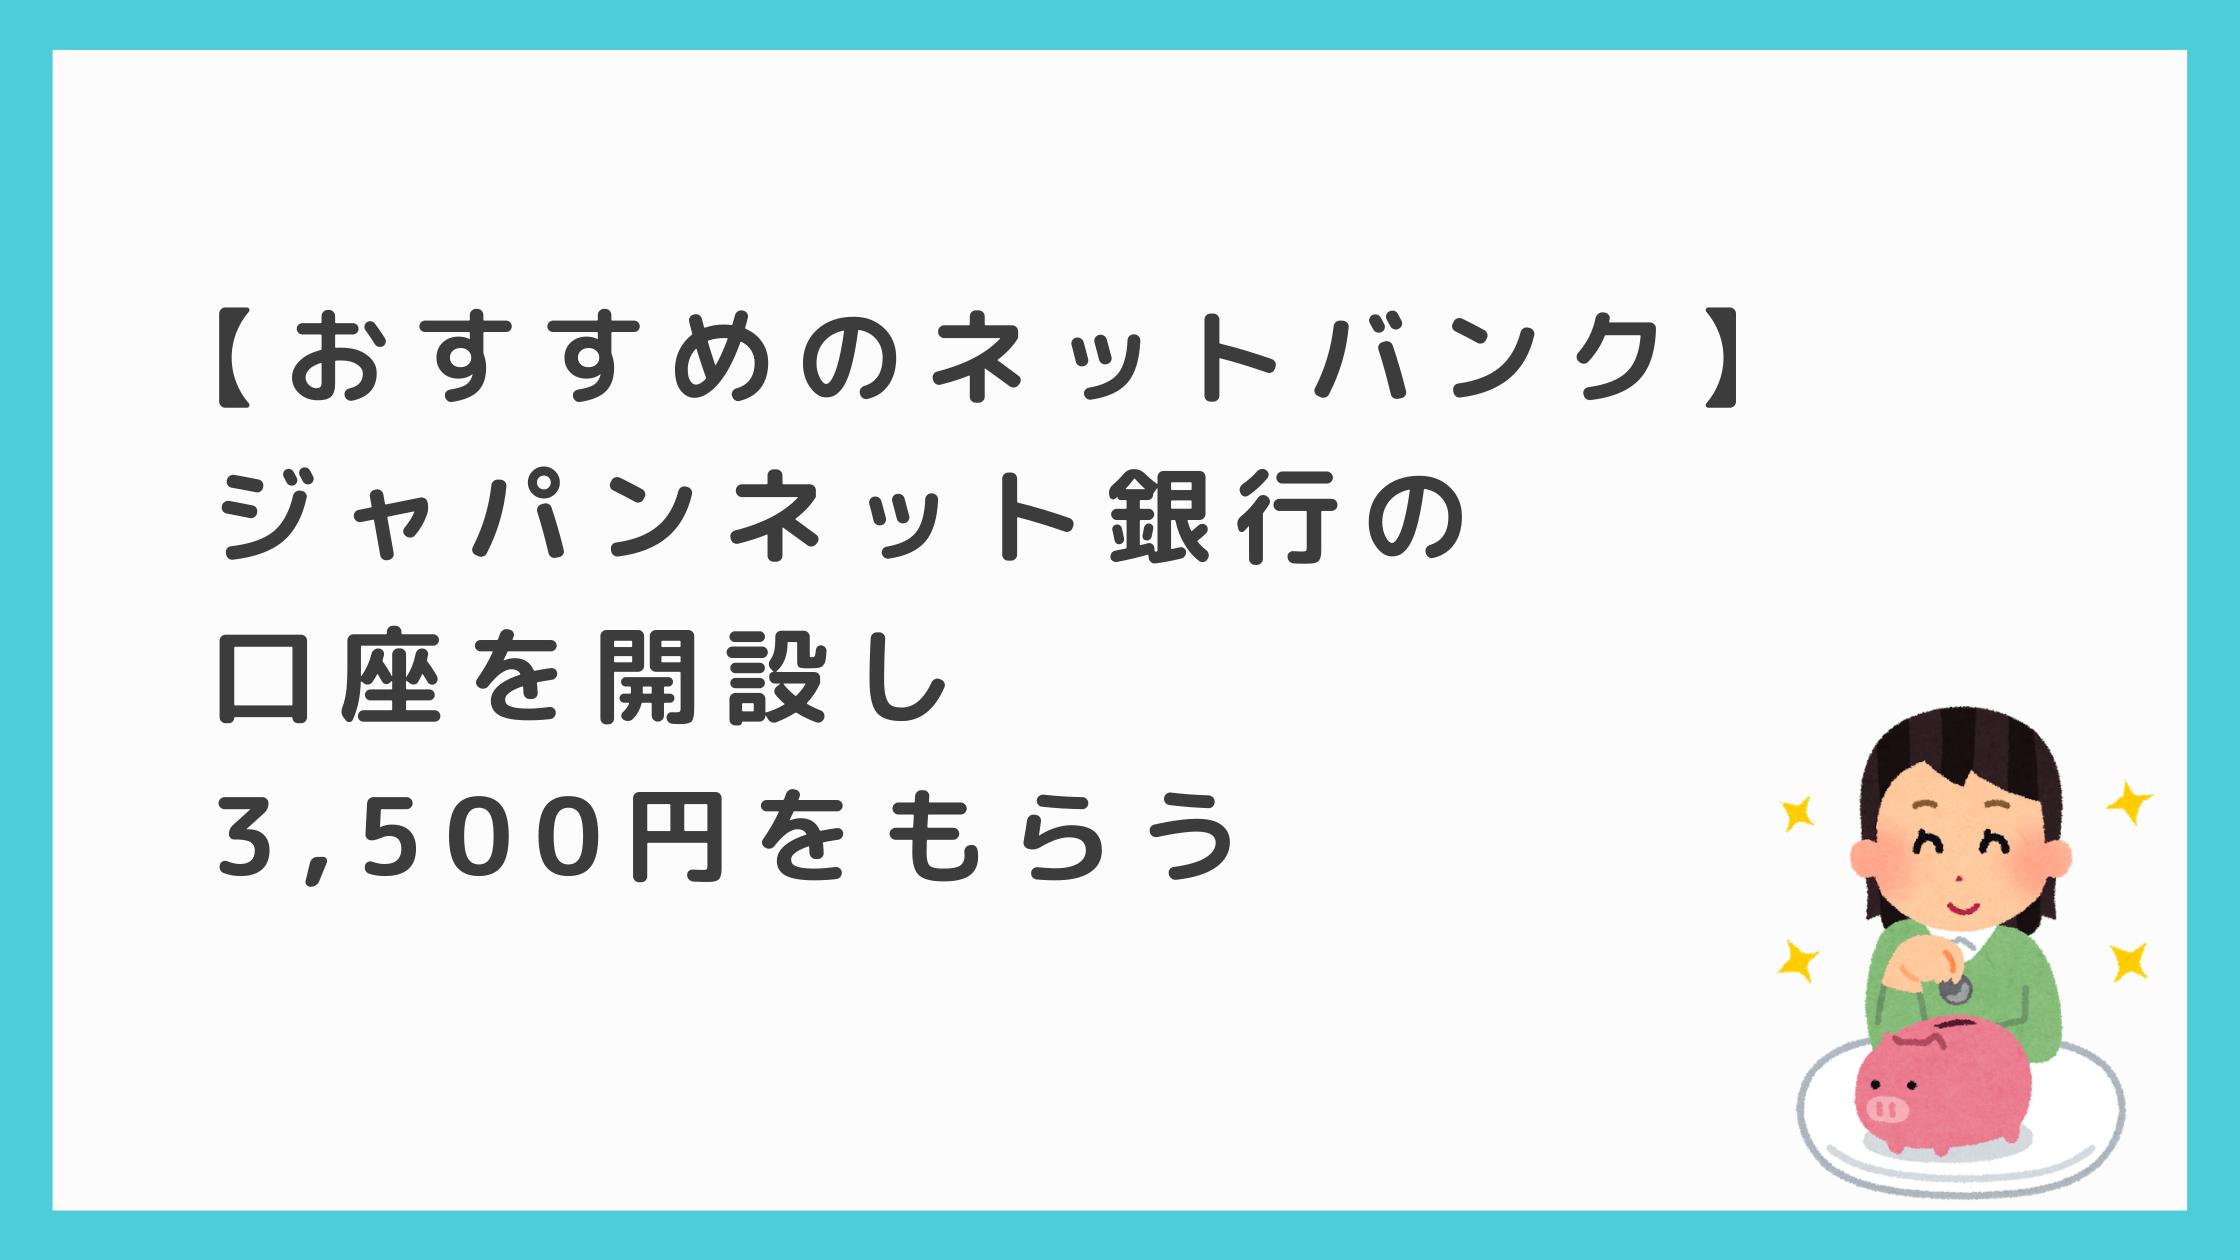 銀行 ジャパン ネット